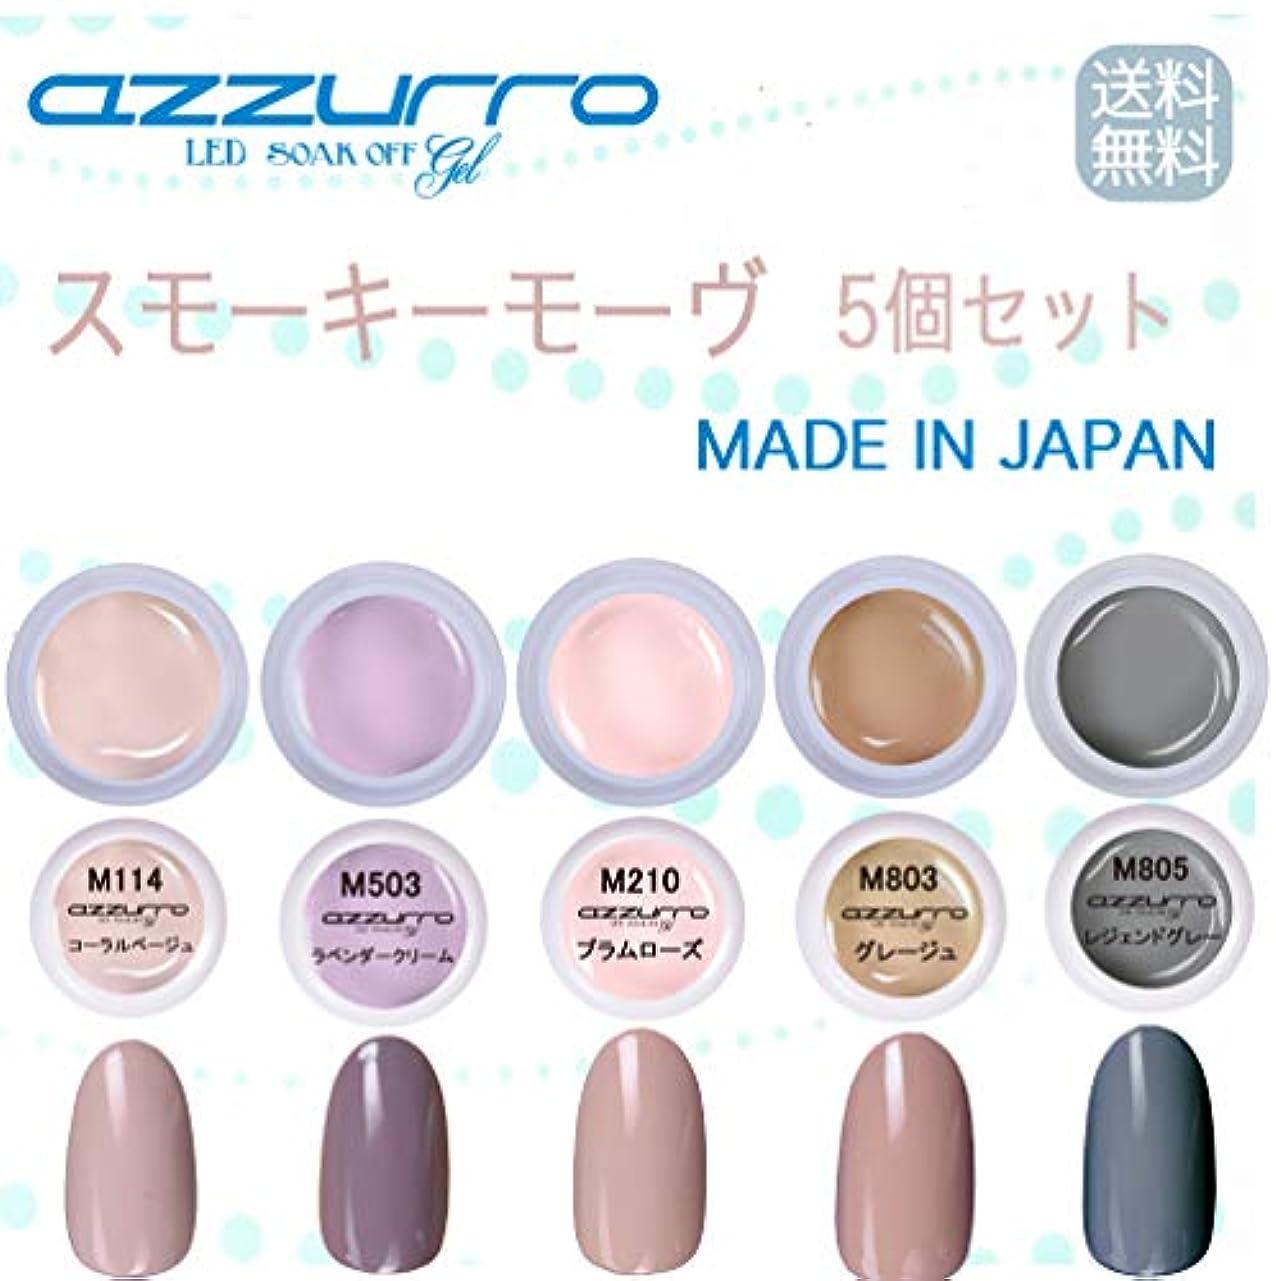 位置するミキサー他の場所【送料無料】日本製 azzurro gel スモーキーモーヴカラージェル5個セット 春色にもかかせないとスモーキーなモーヴカラー